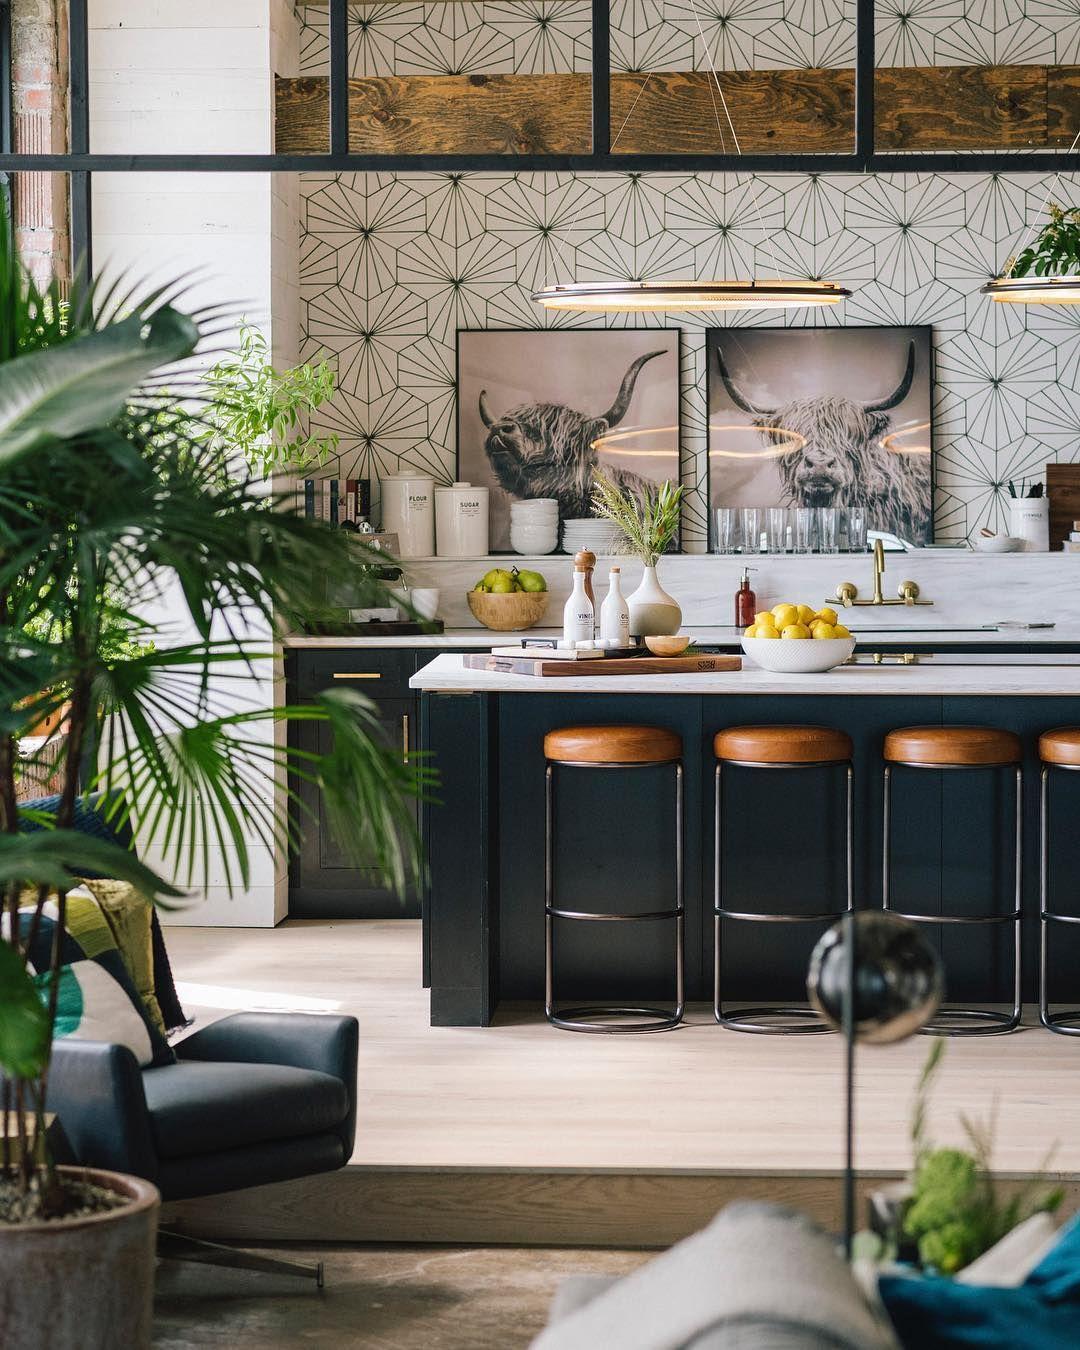 tendance cuisine 2022 loft industriel tabouret cuir marron papier peint graphique plante verte